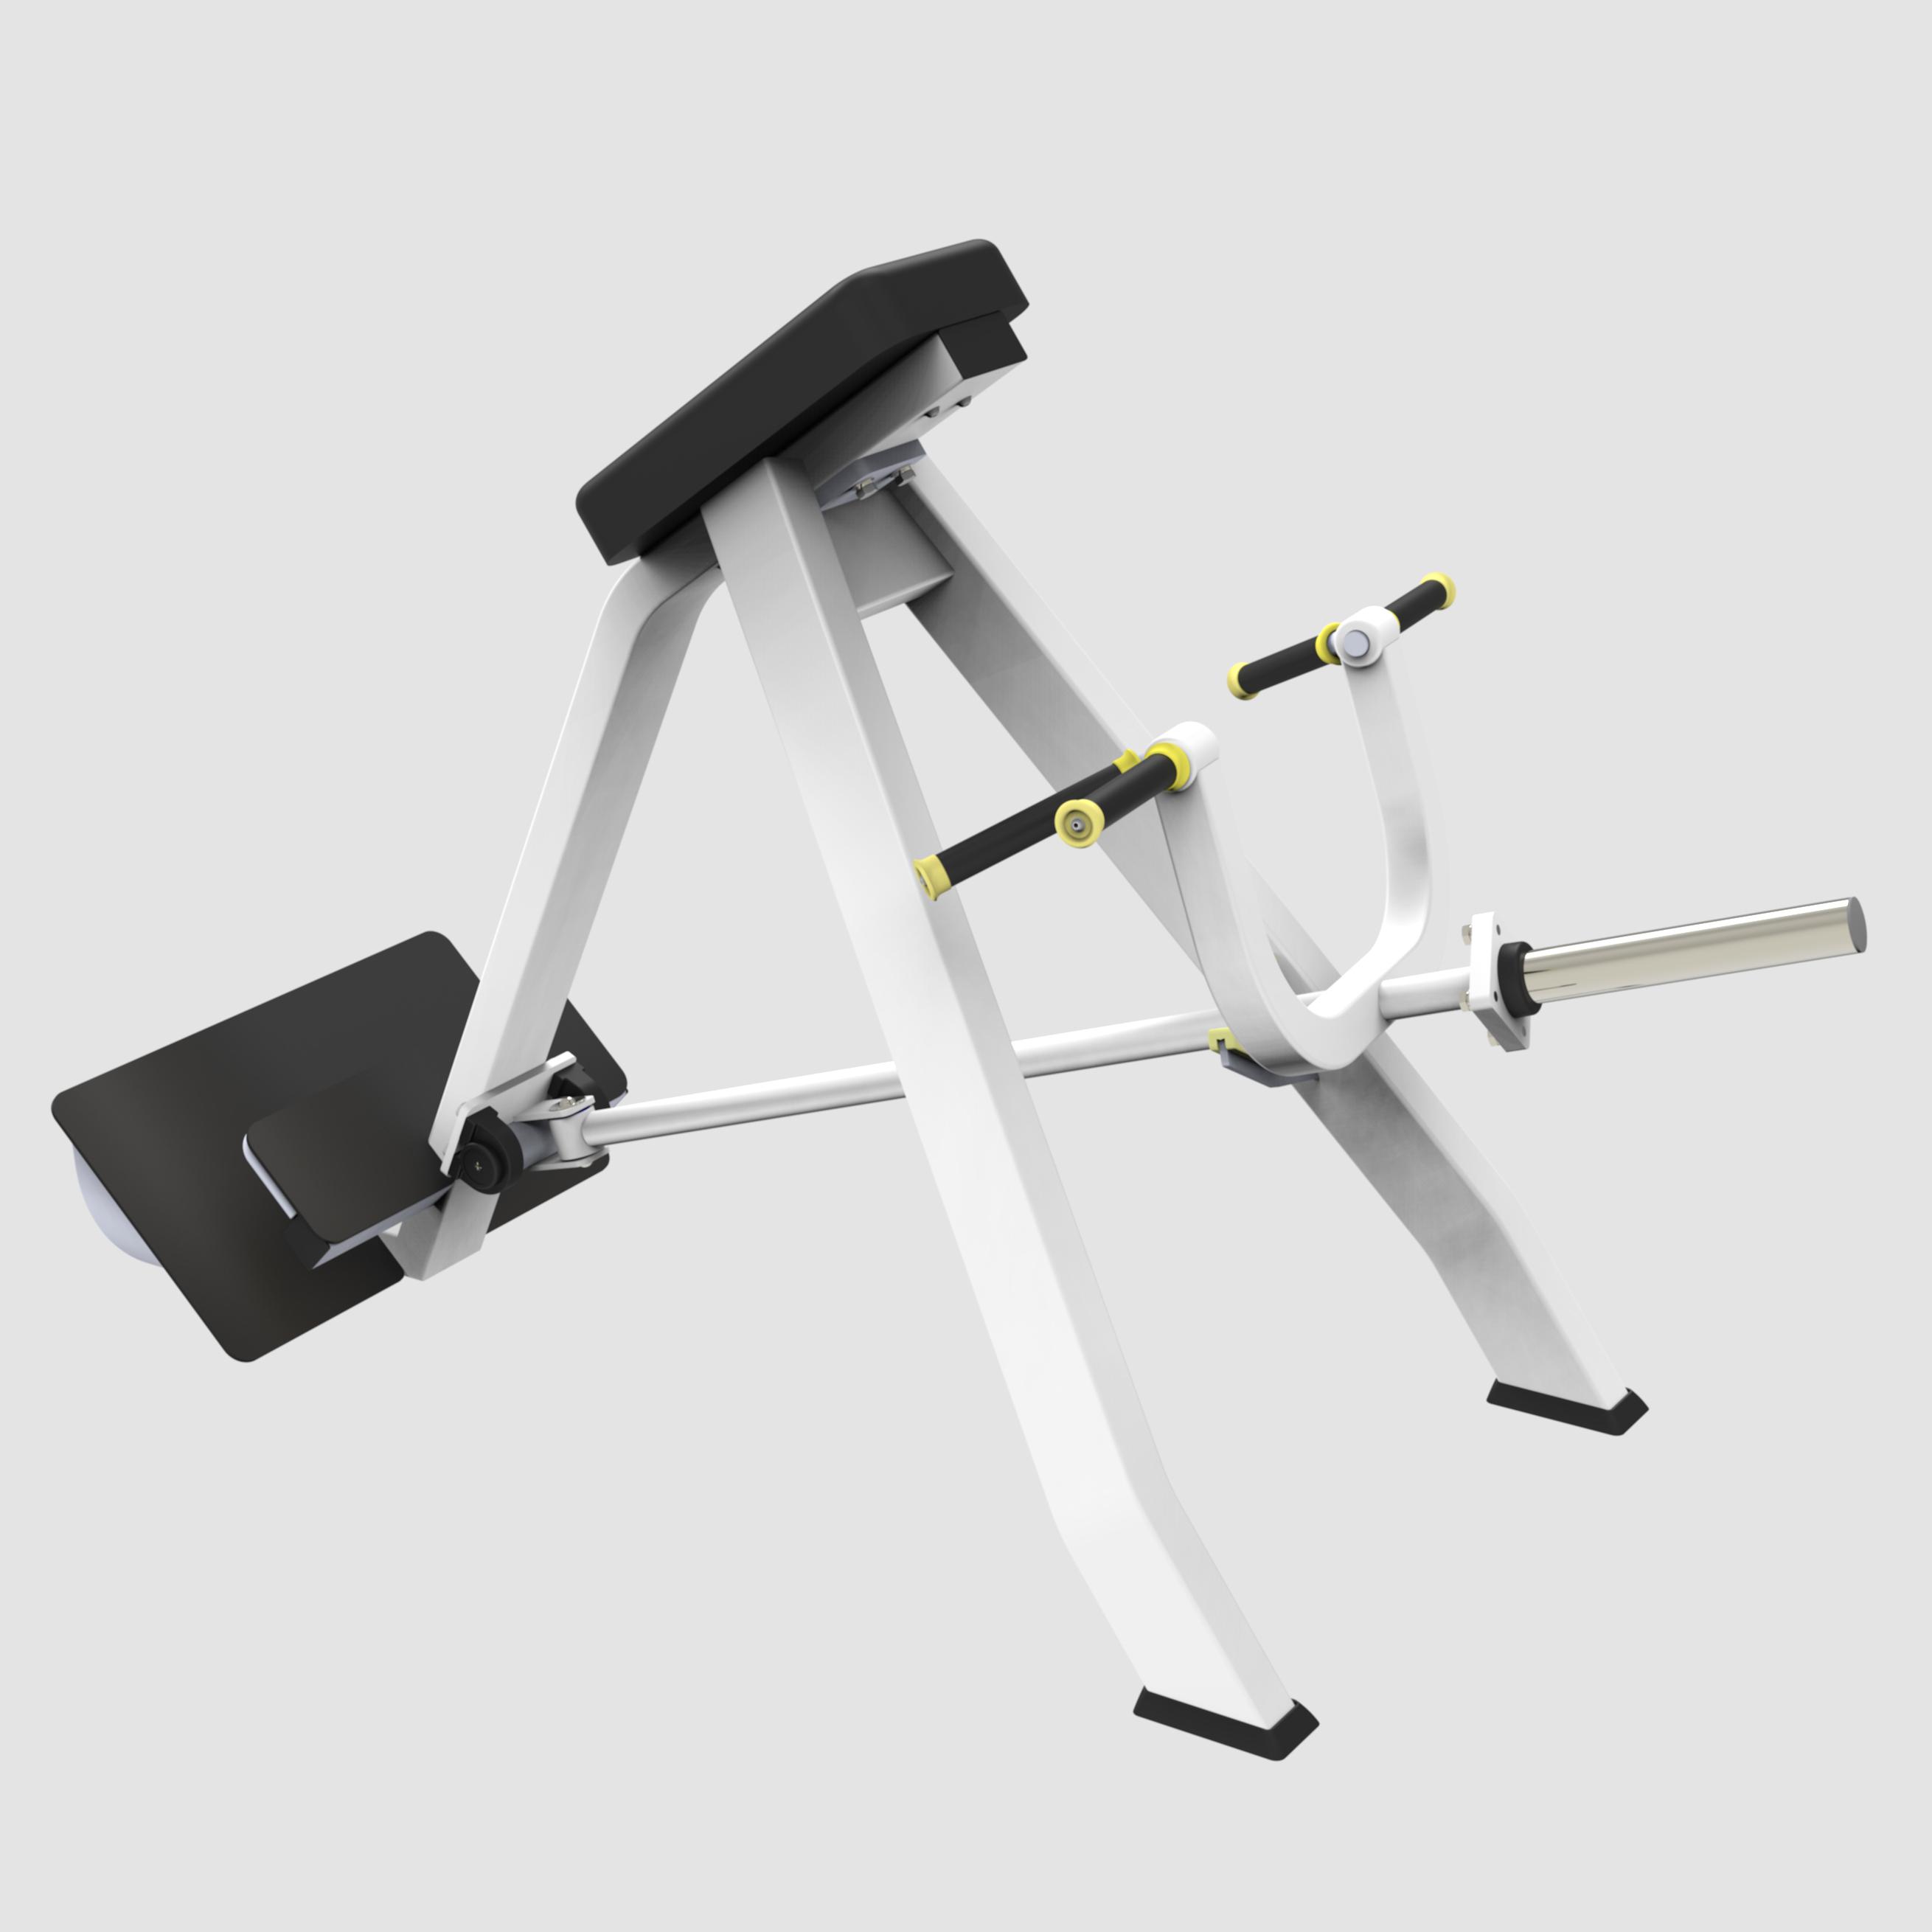 Оборудование для фитнеса для коммерческого тренажерного зала, тренажер для упражнений с тяжелой пластиной